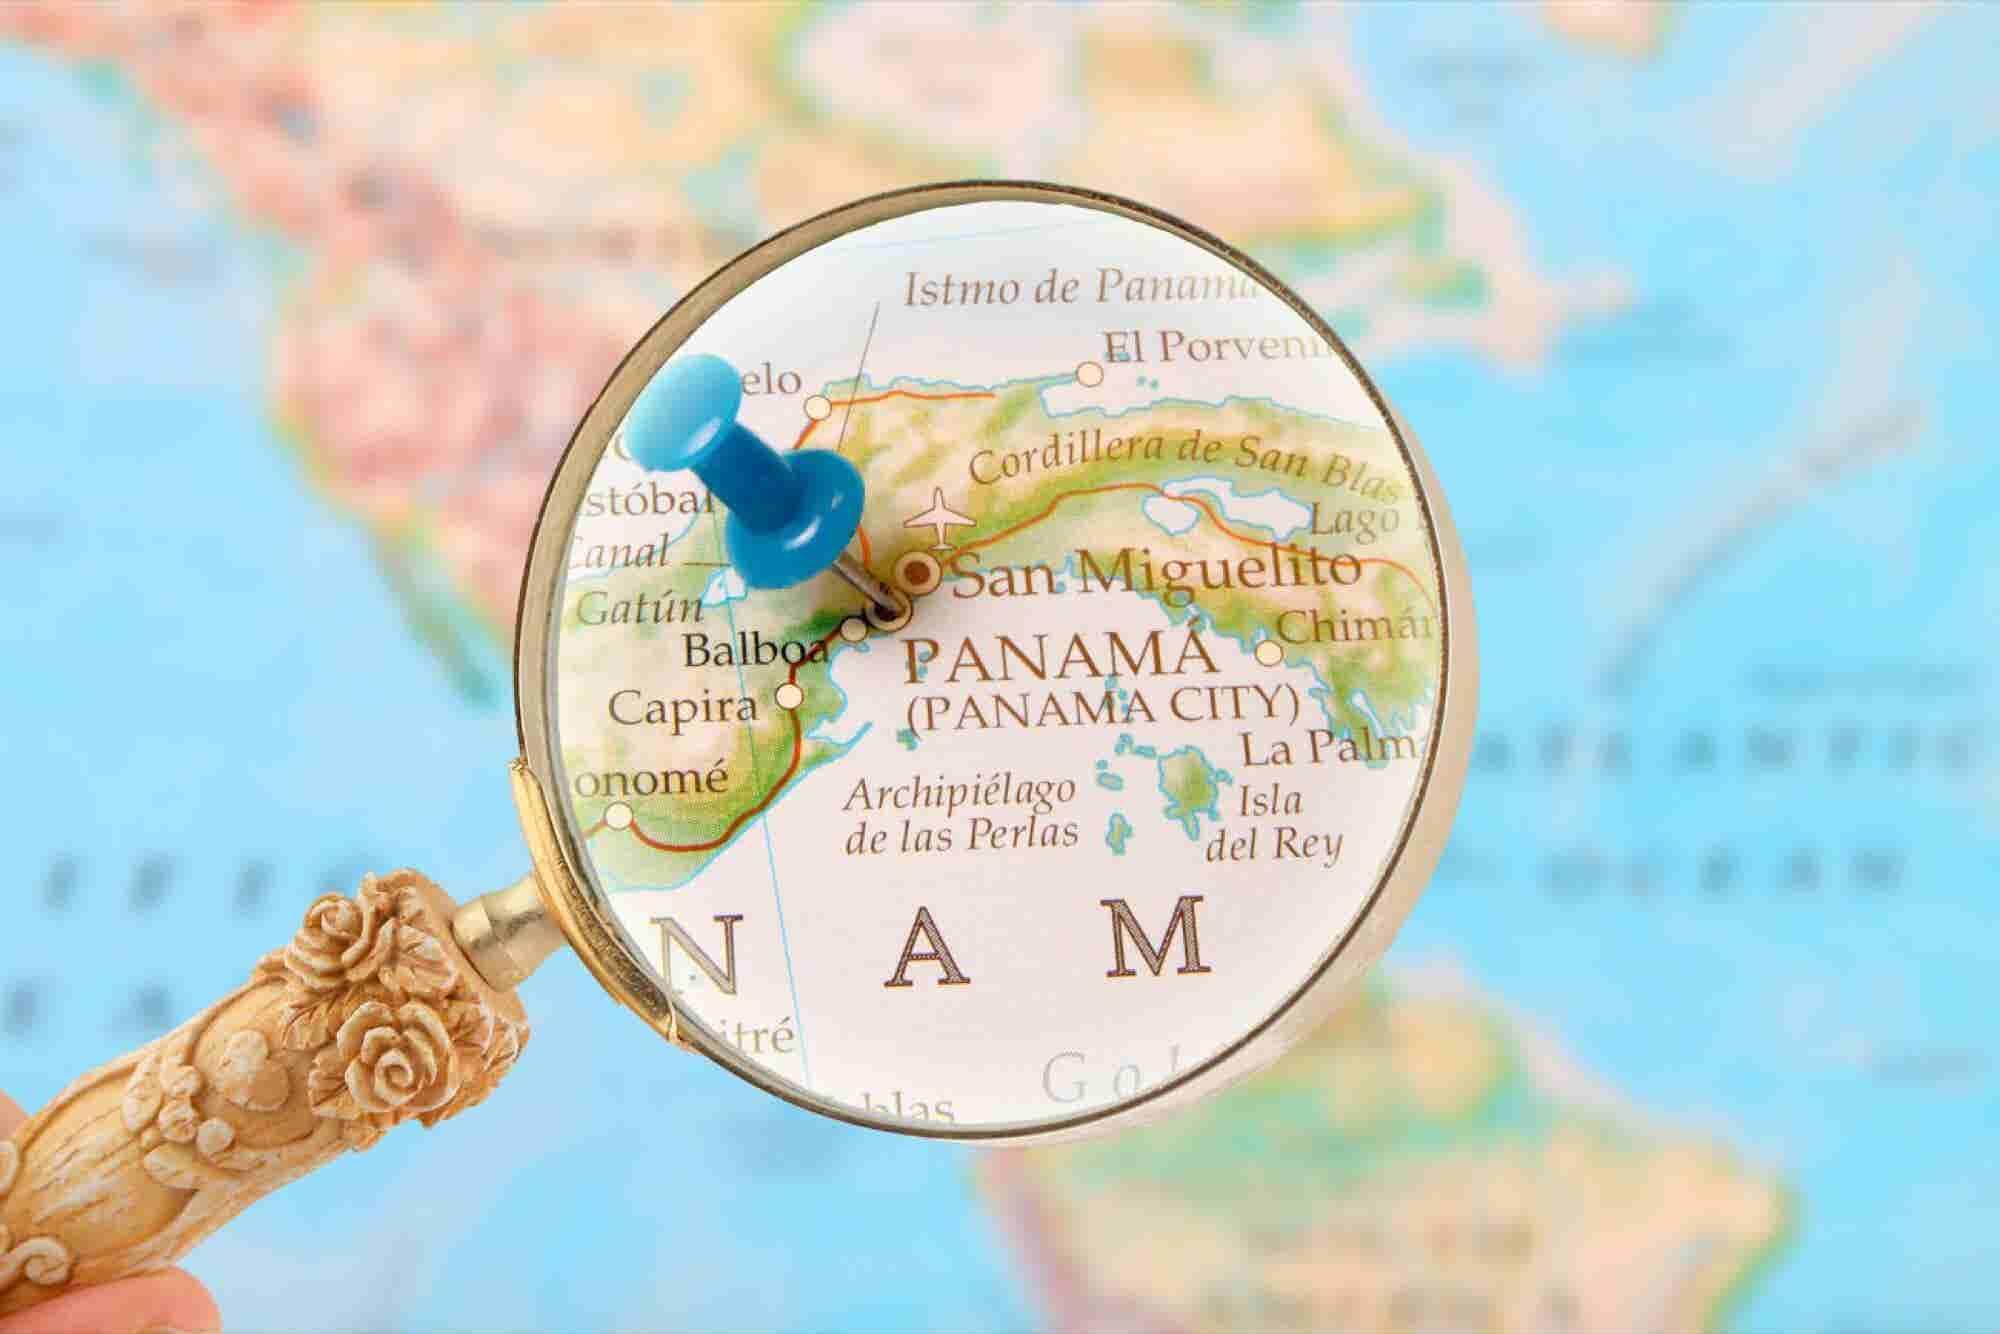 Ashoka busca a los emprendedores líderes de cambio en Centroamérica y el Caribe